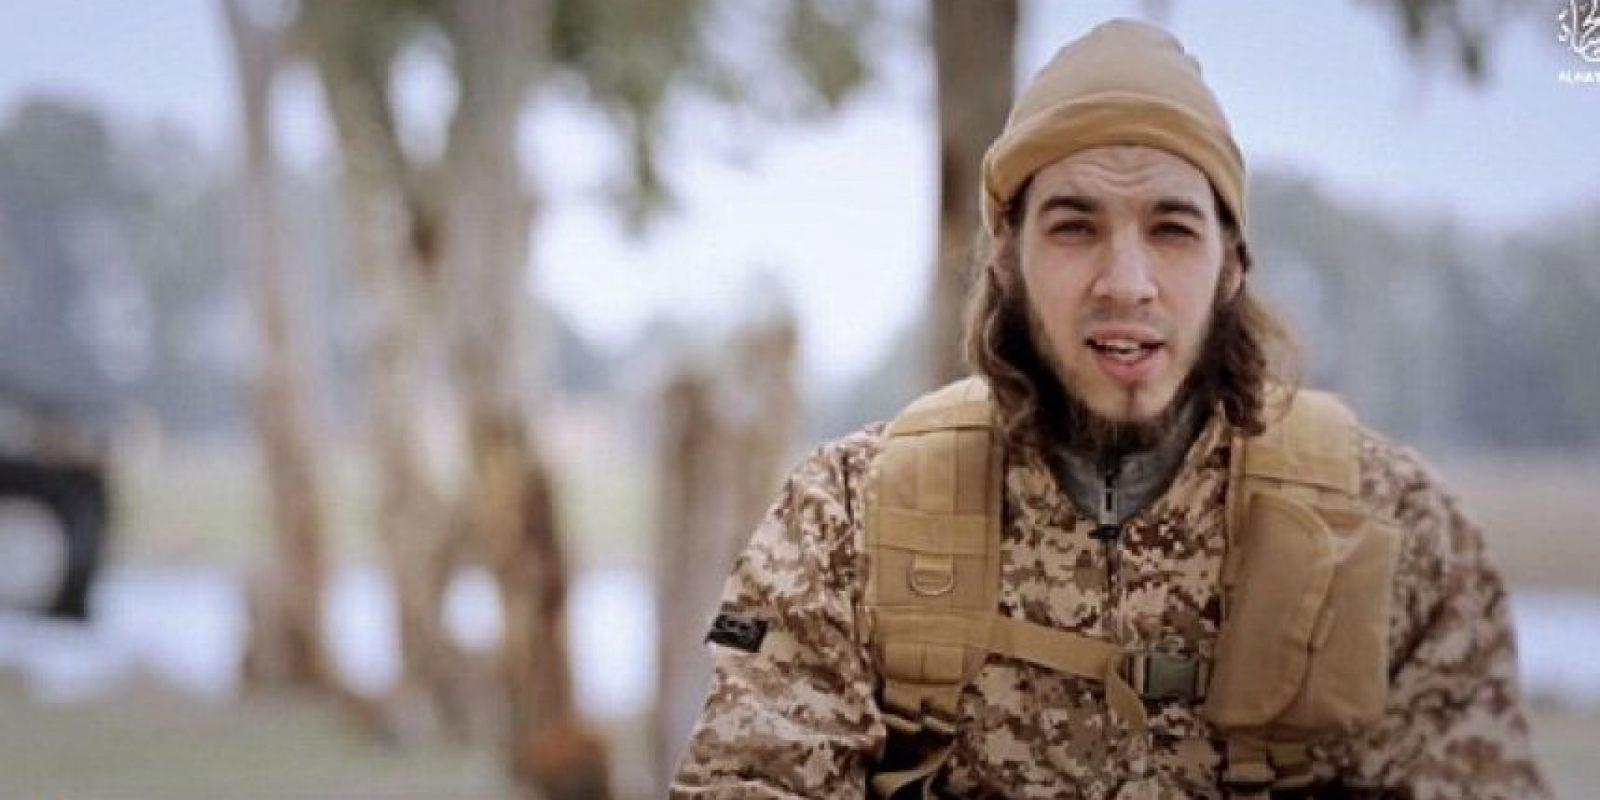 Omar Ismail Mostefai, también atacó en el Bataclan Foto:Video de Estado Islámico